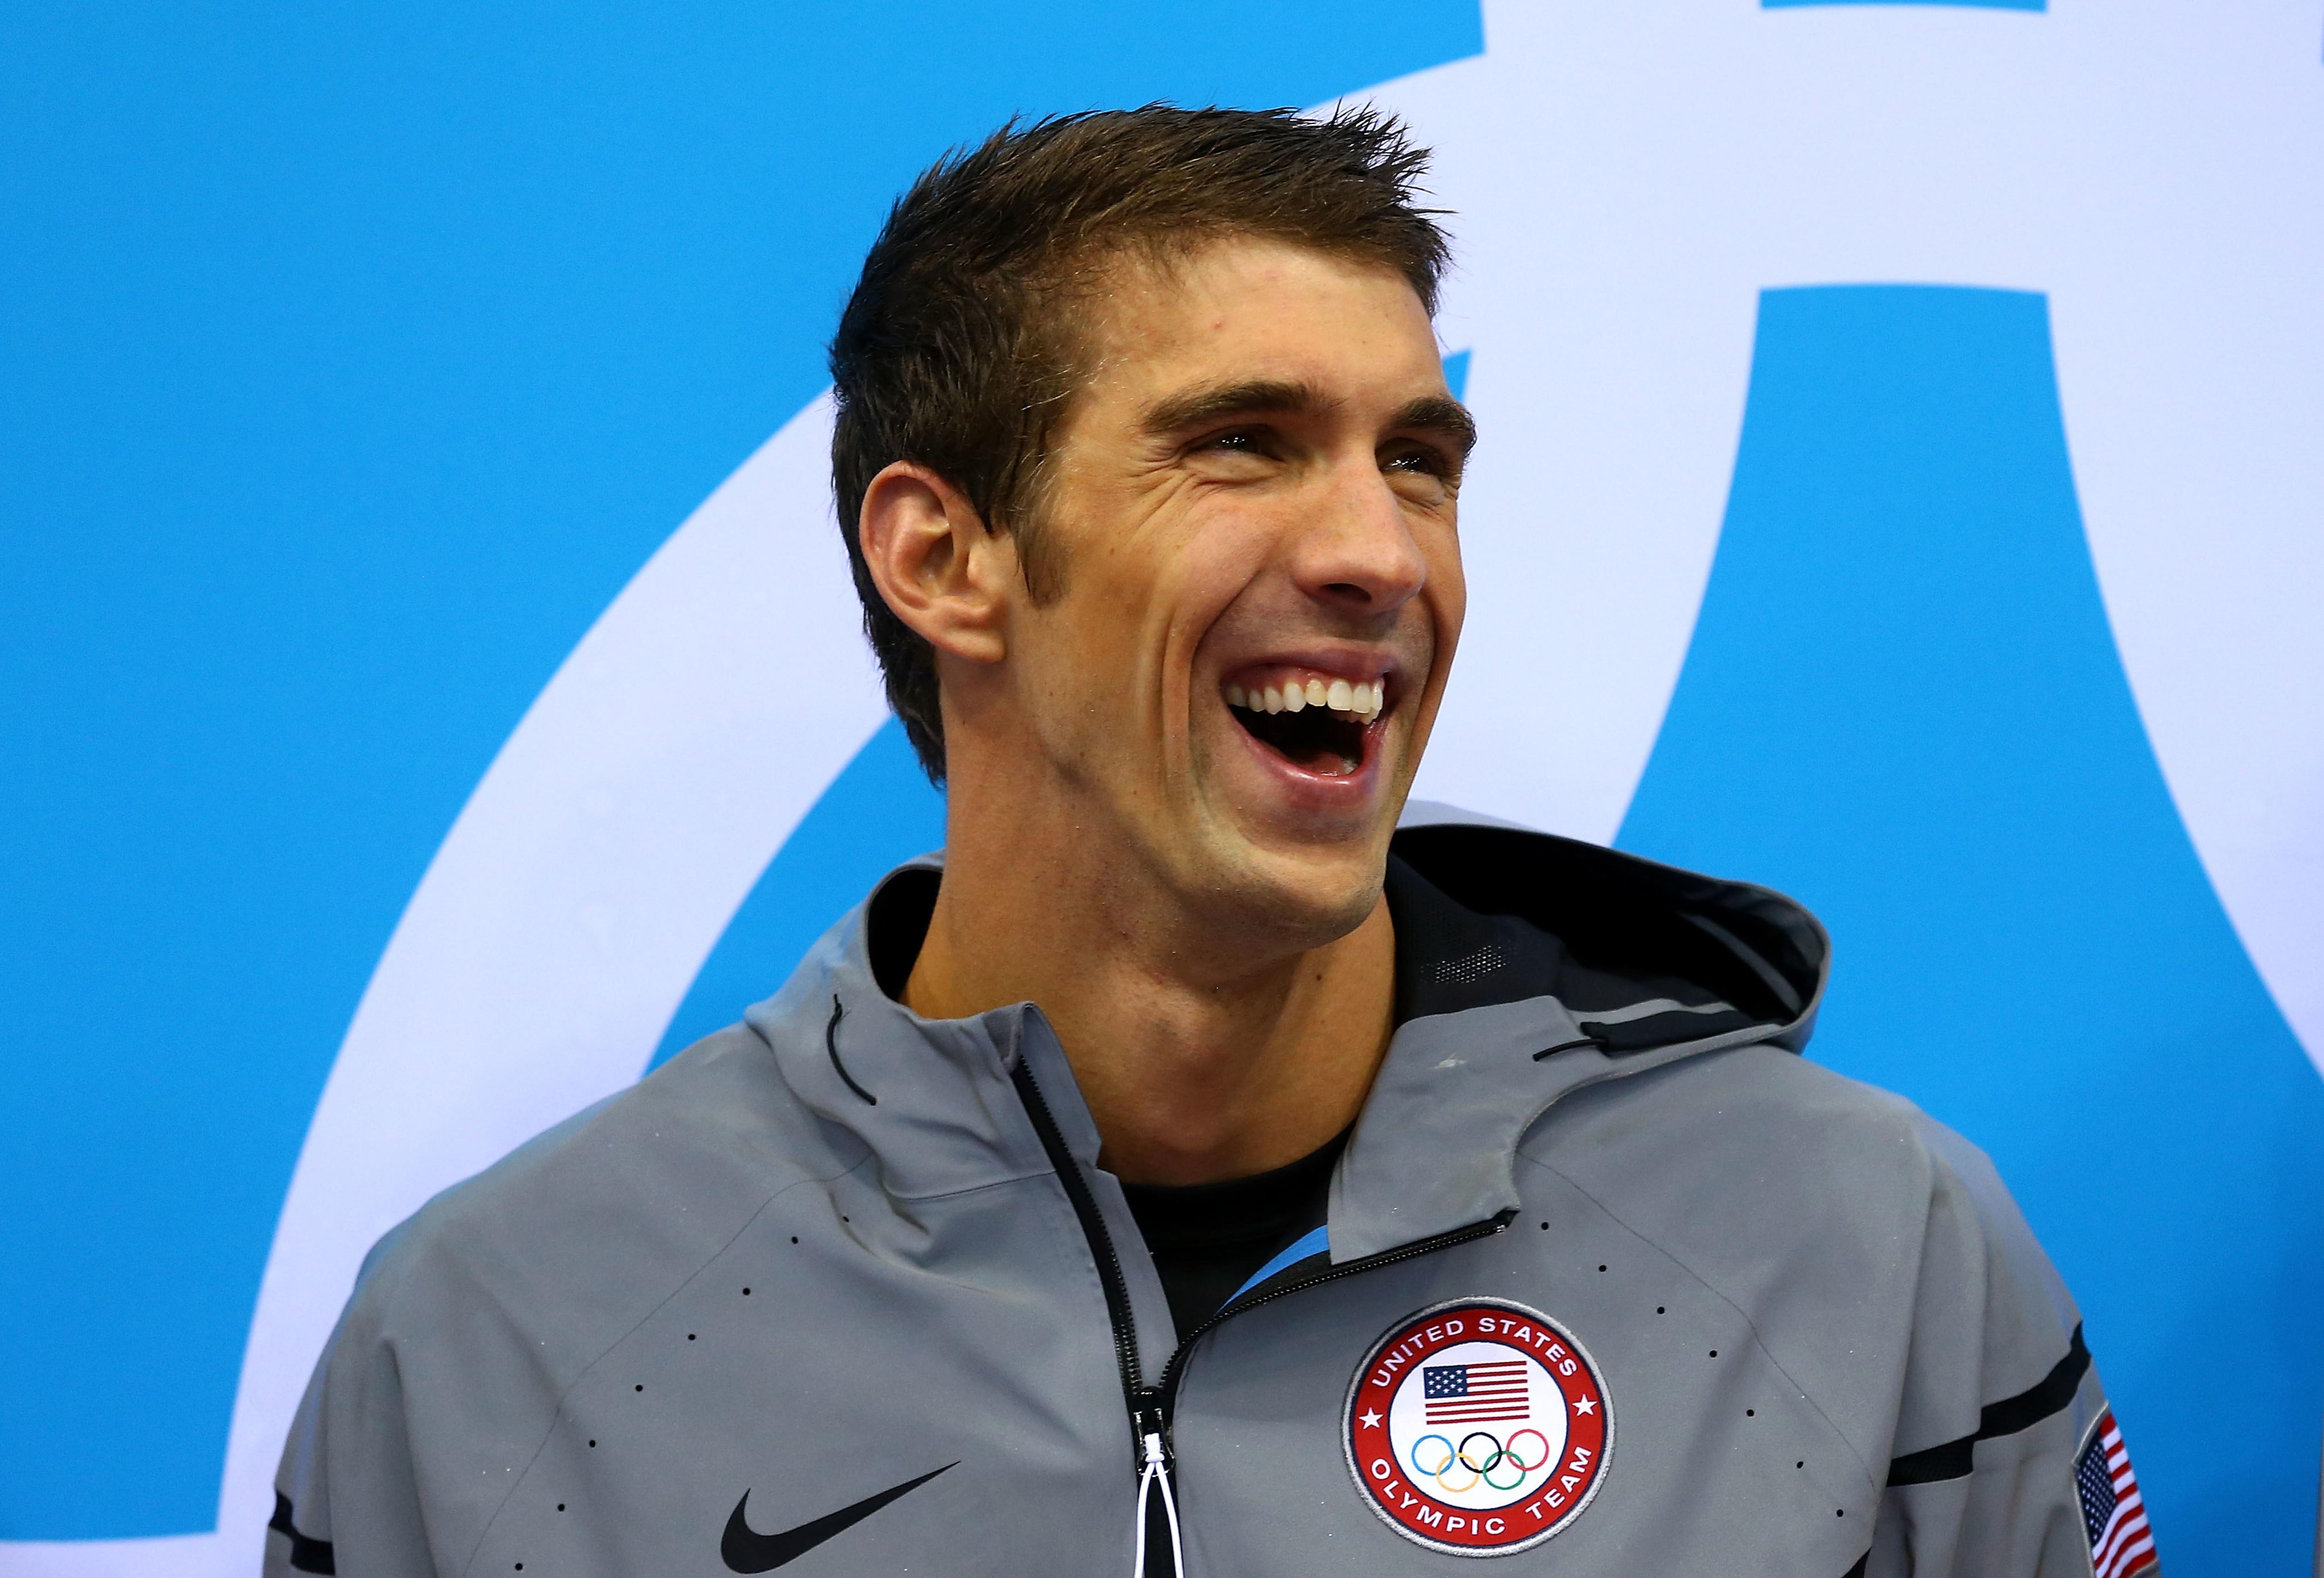 9) Michael Phelps (nuoto)